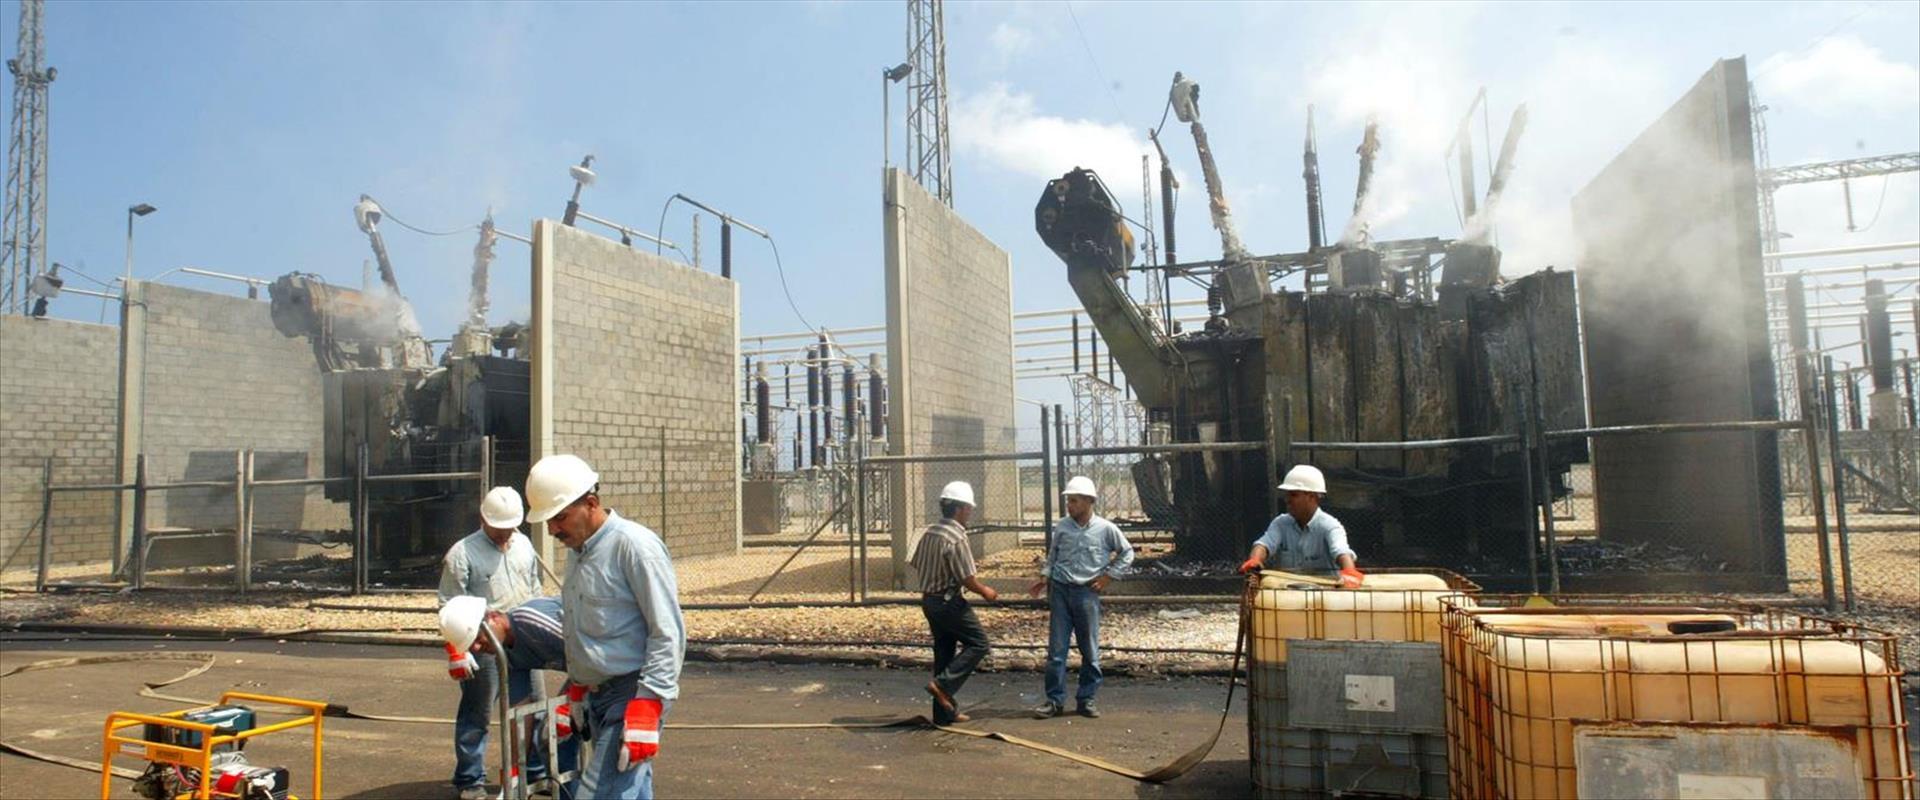 תחנת הכוח של חברת החשמל העזתית